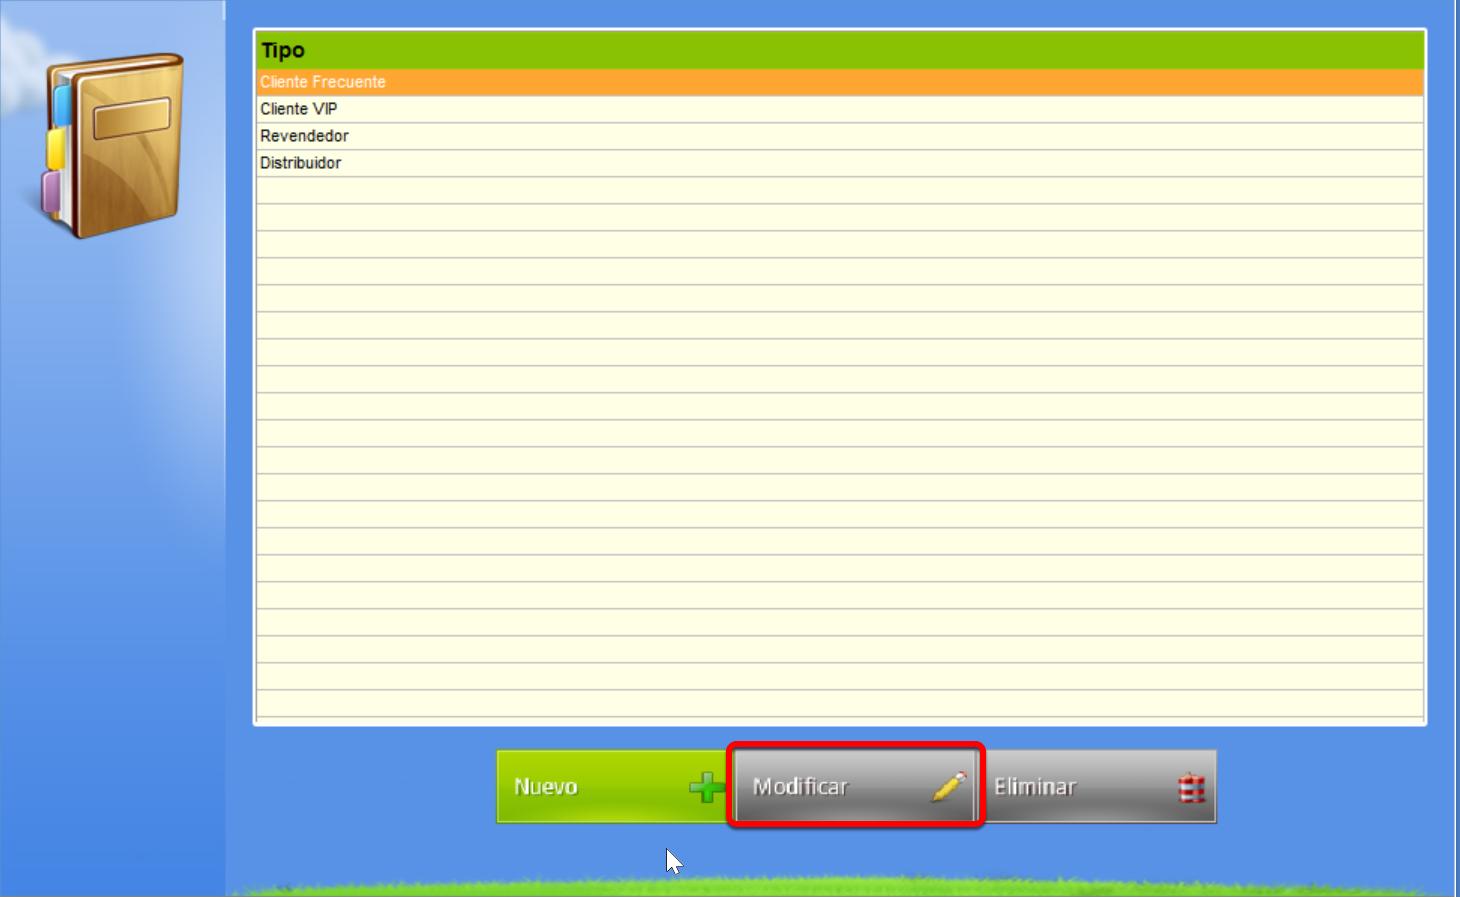 Botón Modificar tipo de Cliente seleccionado